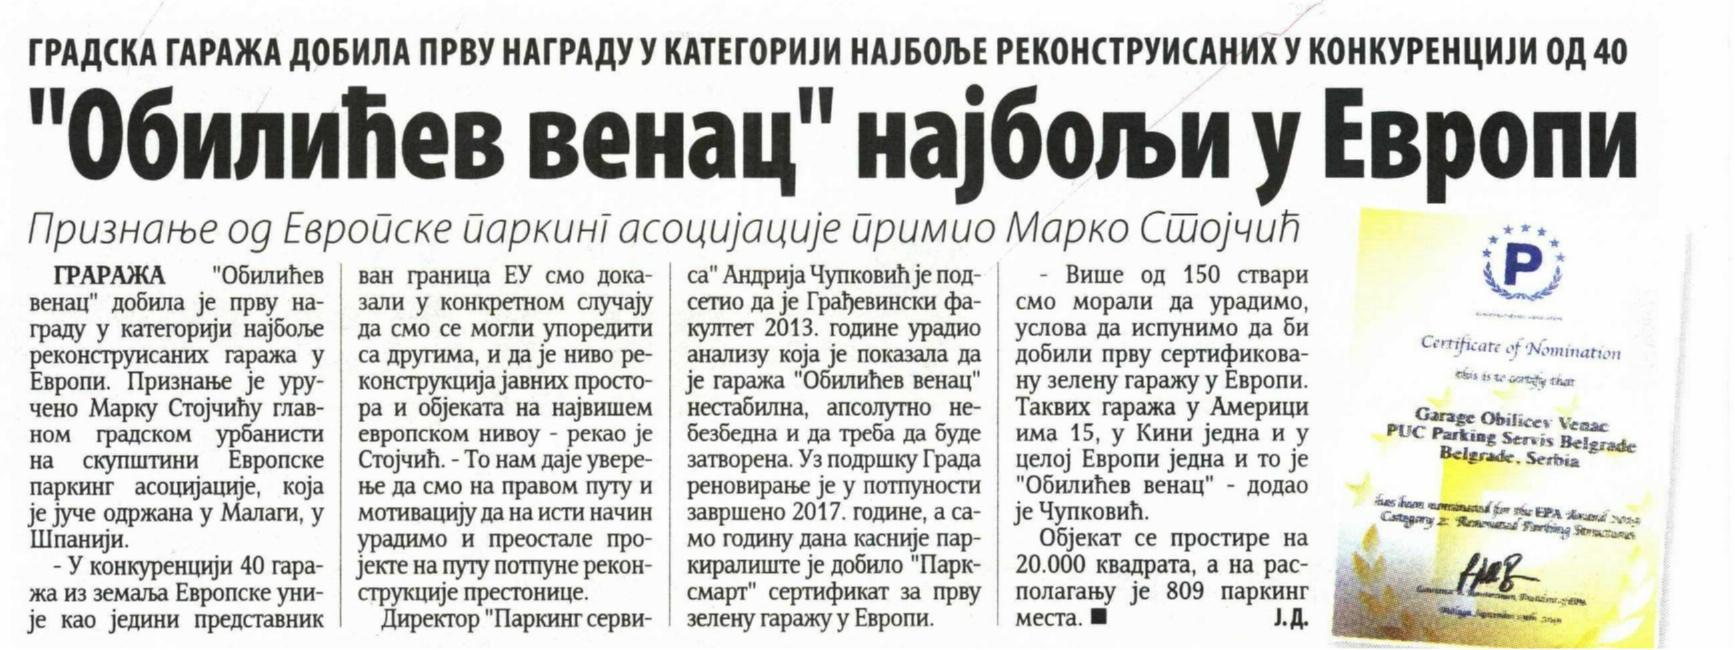 obilicev-venac-najbolji-u-evropi-vecernje-novosti-20092019-0